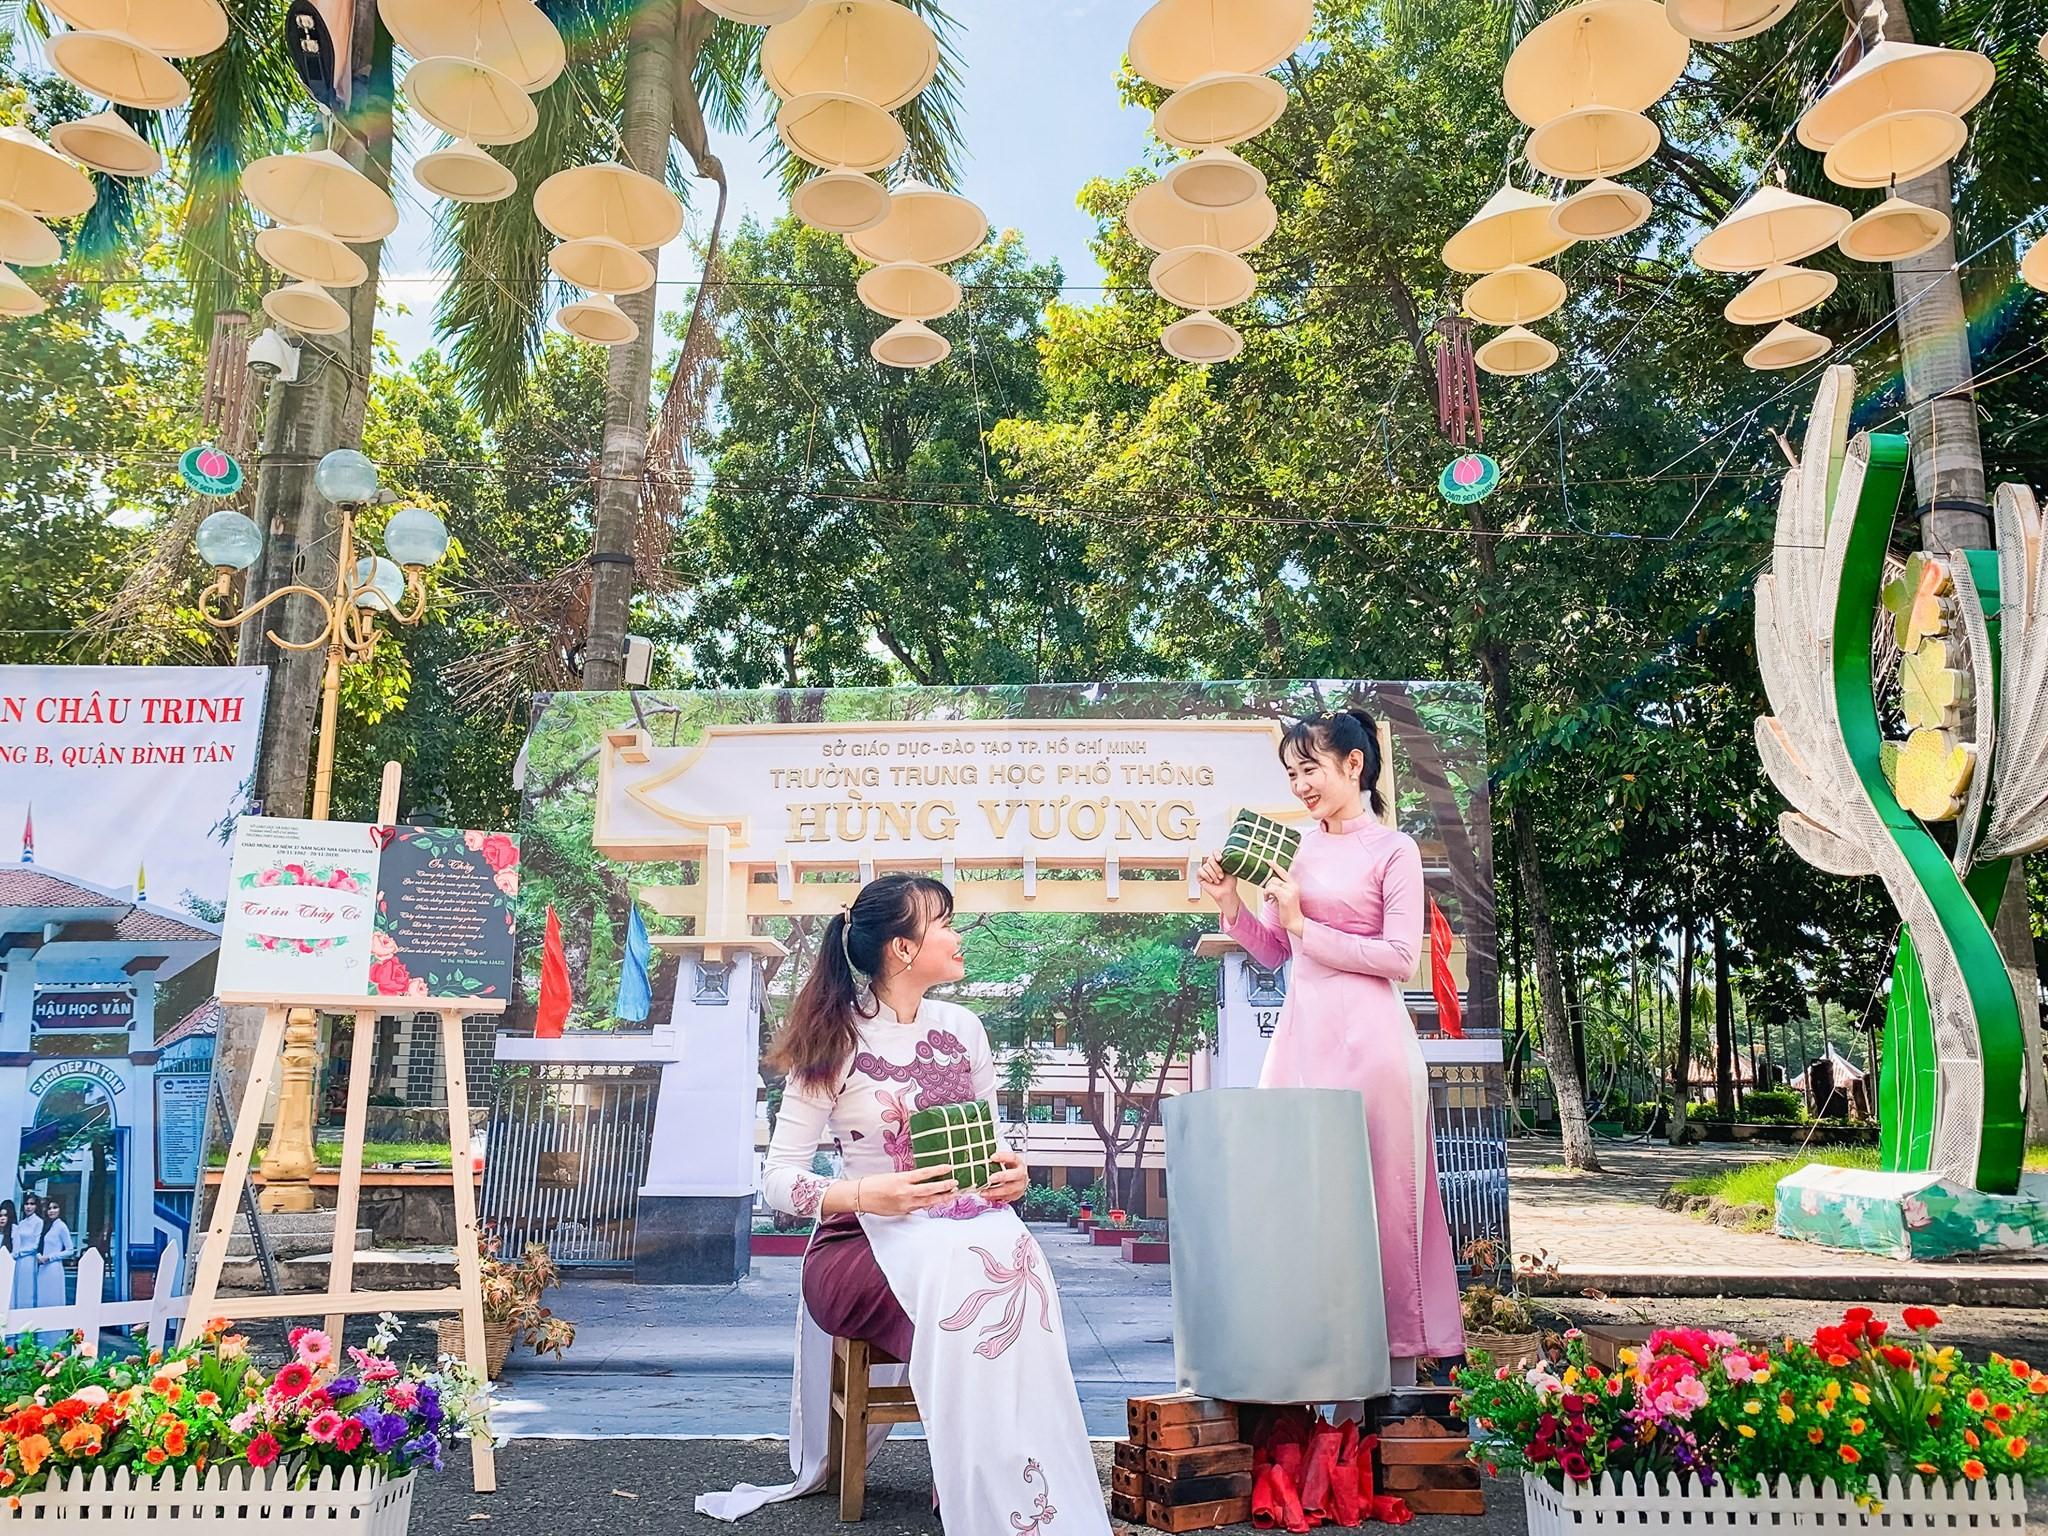 Khám phá những địa điểm vui chơi Tết Nguyên đán 2021 ở Sài Gòn 2021 - Ảnh 10.